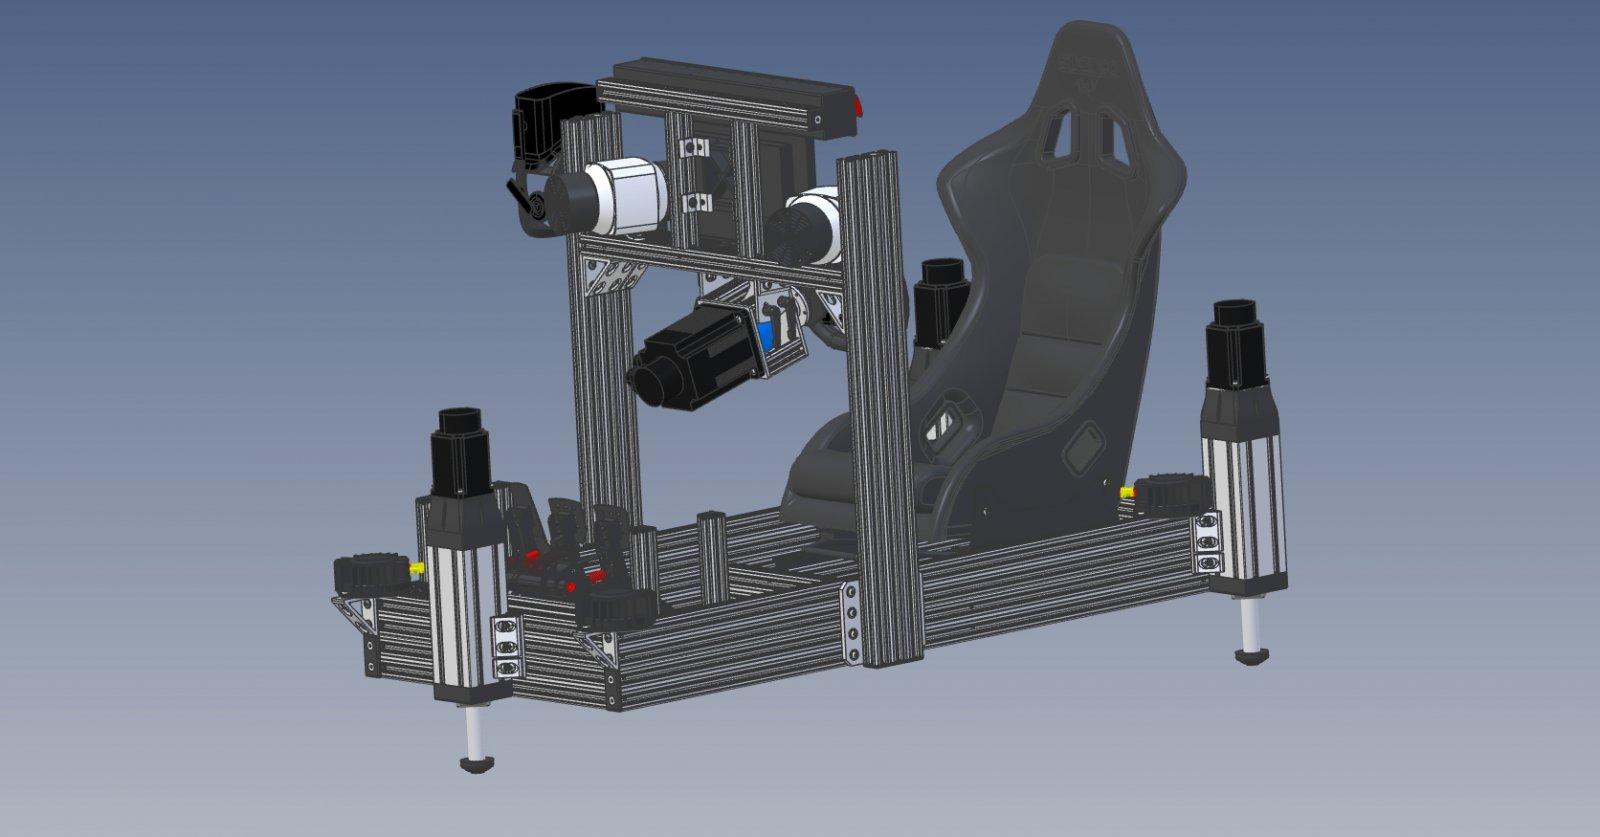 Racing Simulator 2020 5-28-20 3.jpg